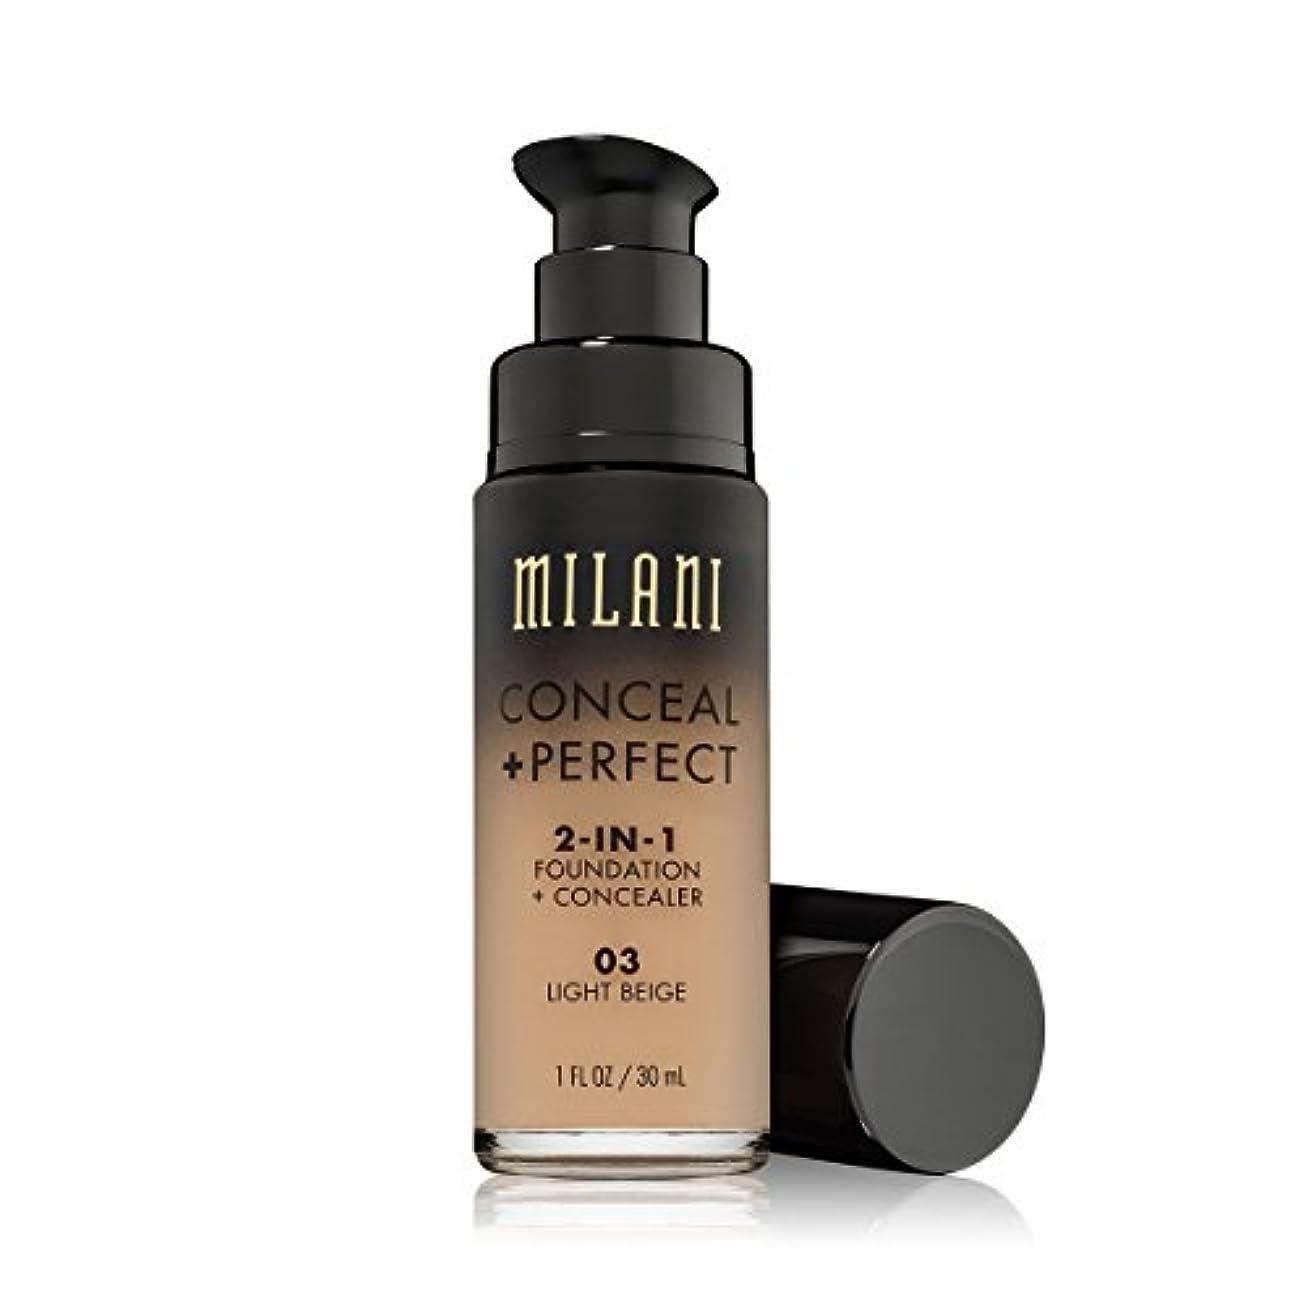 良さ劇的誇大妄想MILANI Conceal + Perfect 2-In-1 Foundation + Concealer - Light Beige (並行輸入品)